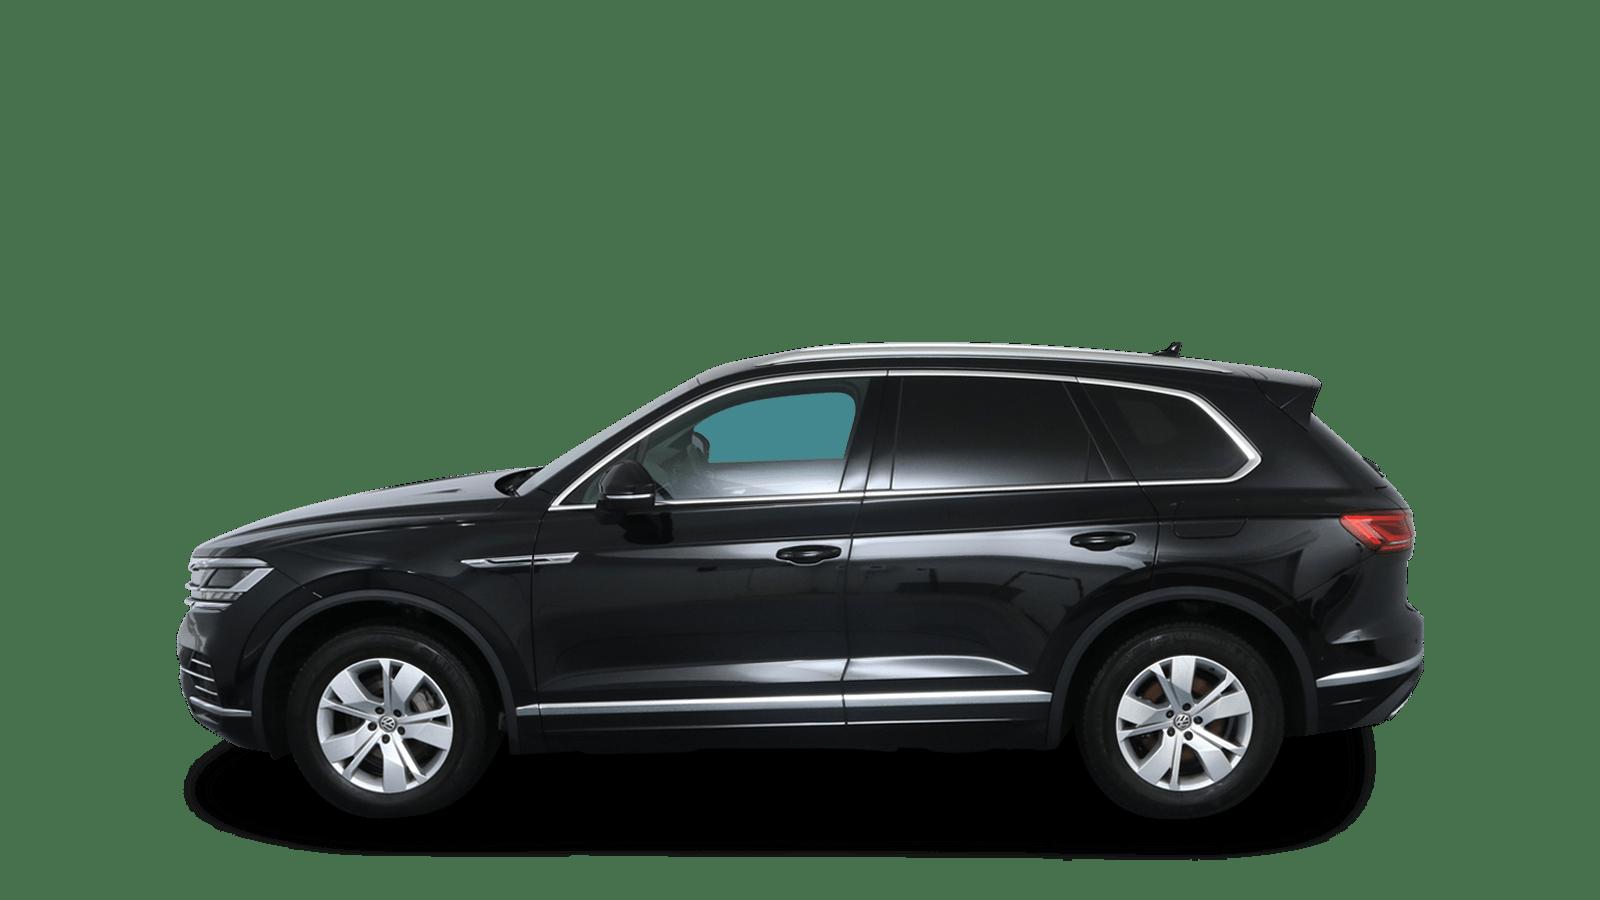 VW Touareg Schwarz rückansicht - Clyde Auto-Abo